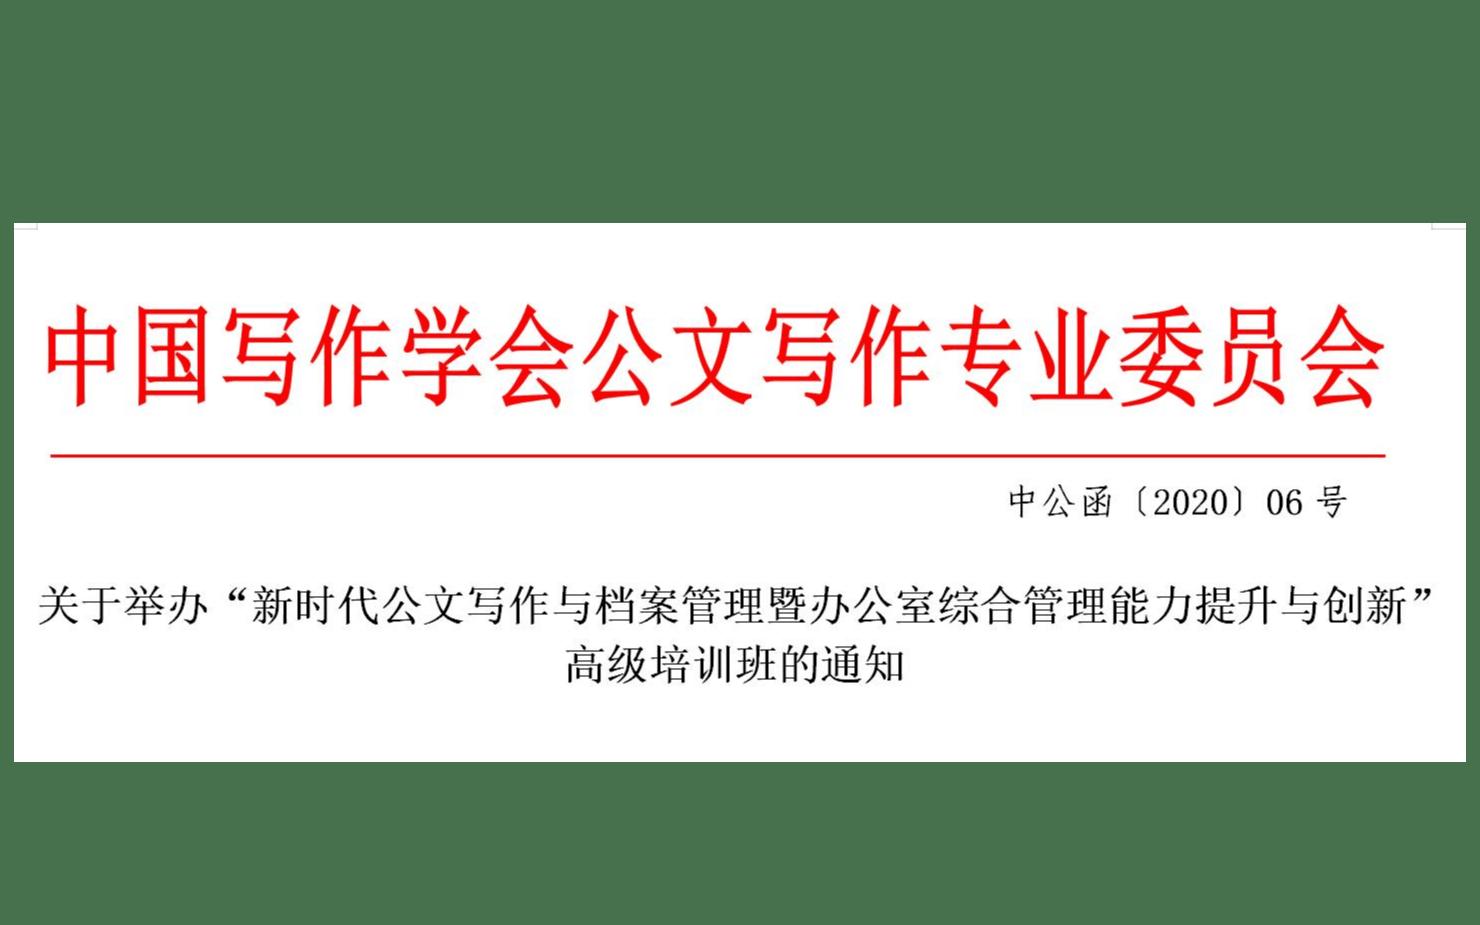 9月重慶線下課程:新時代公文寫作與檔案管理暨辦公室綜合管理能力提升與創新培訓班